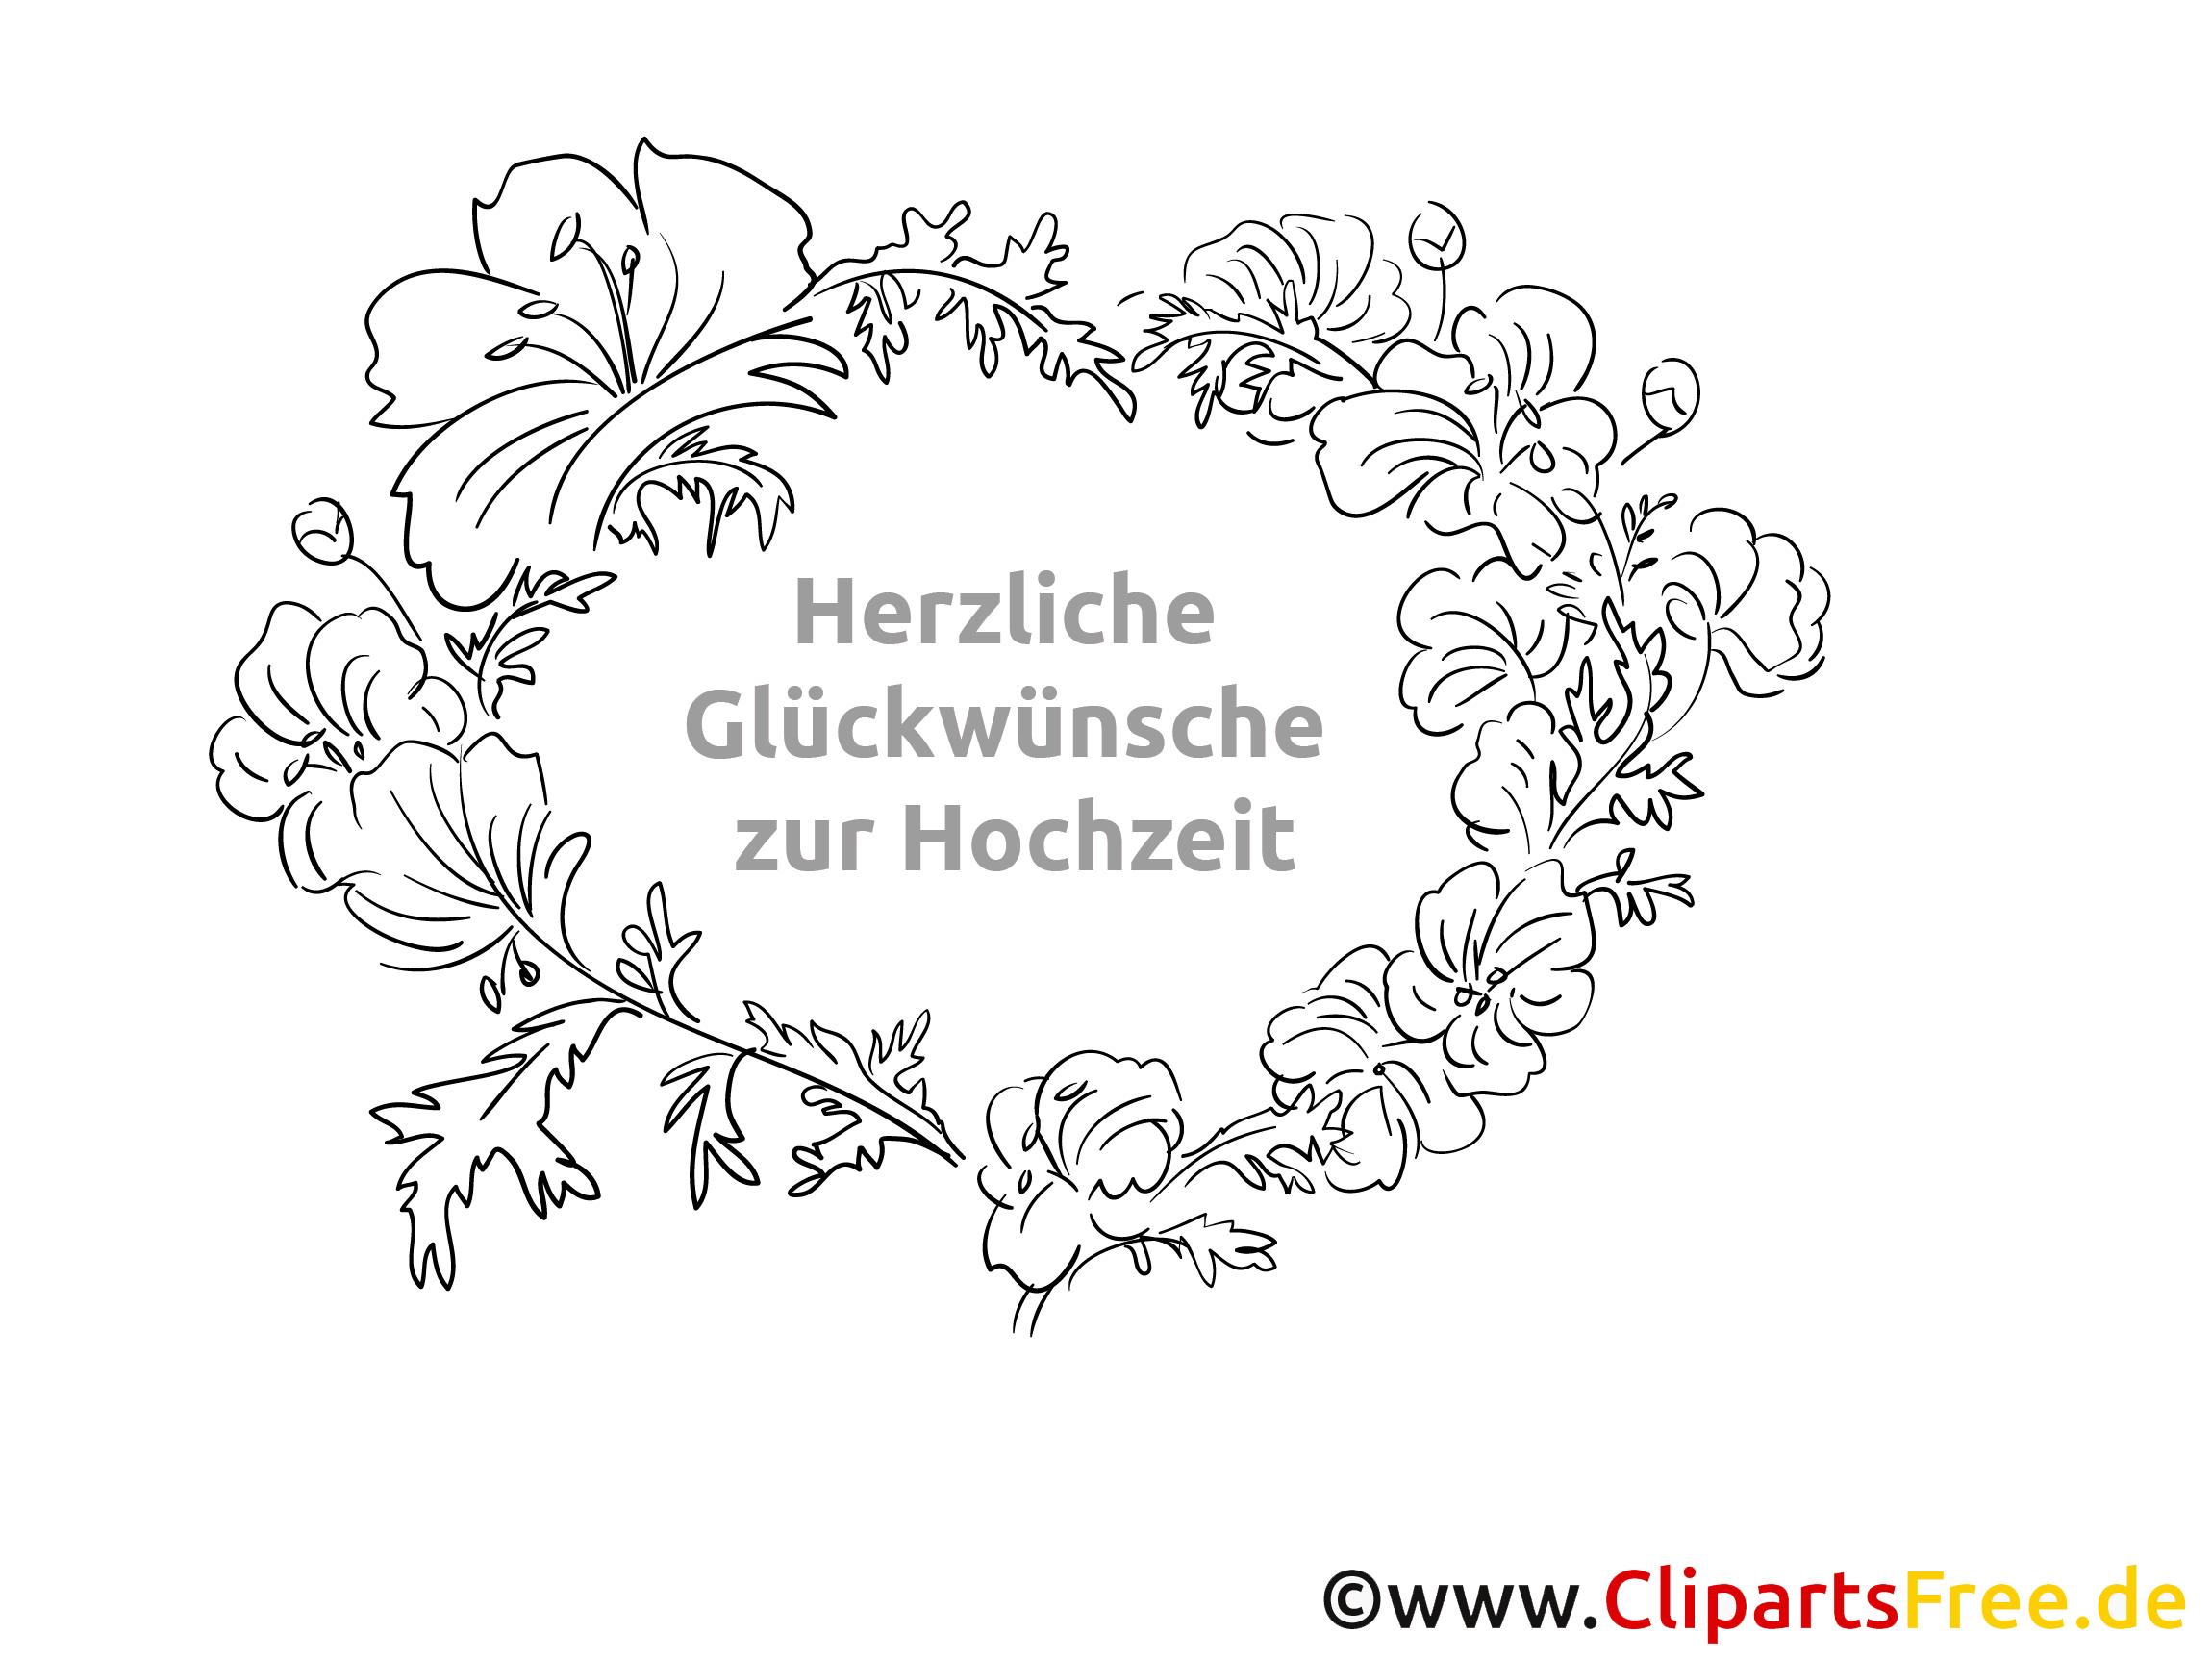 Malvorlage Herzlichen Glückwunsch   Coloring and Malvorlagan